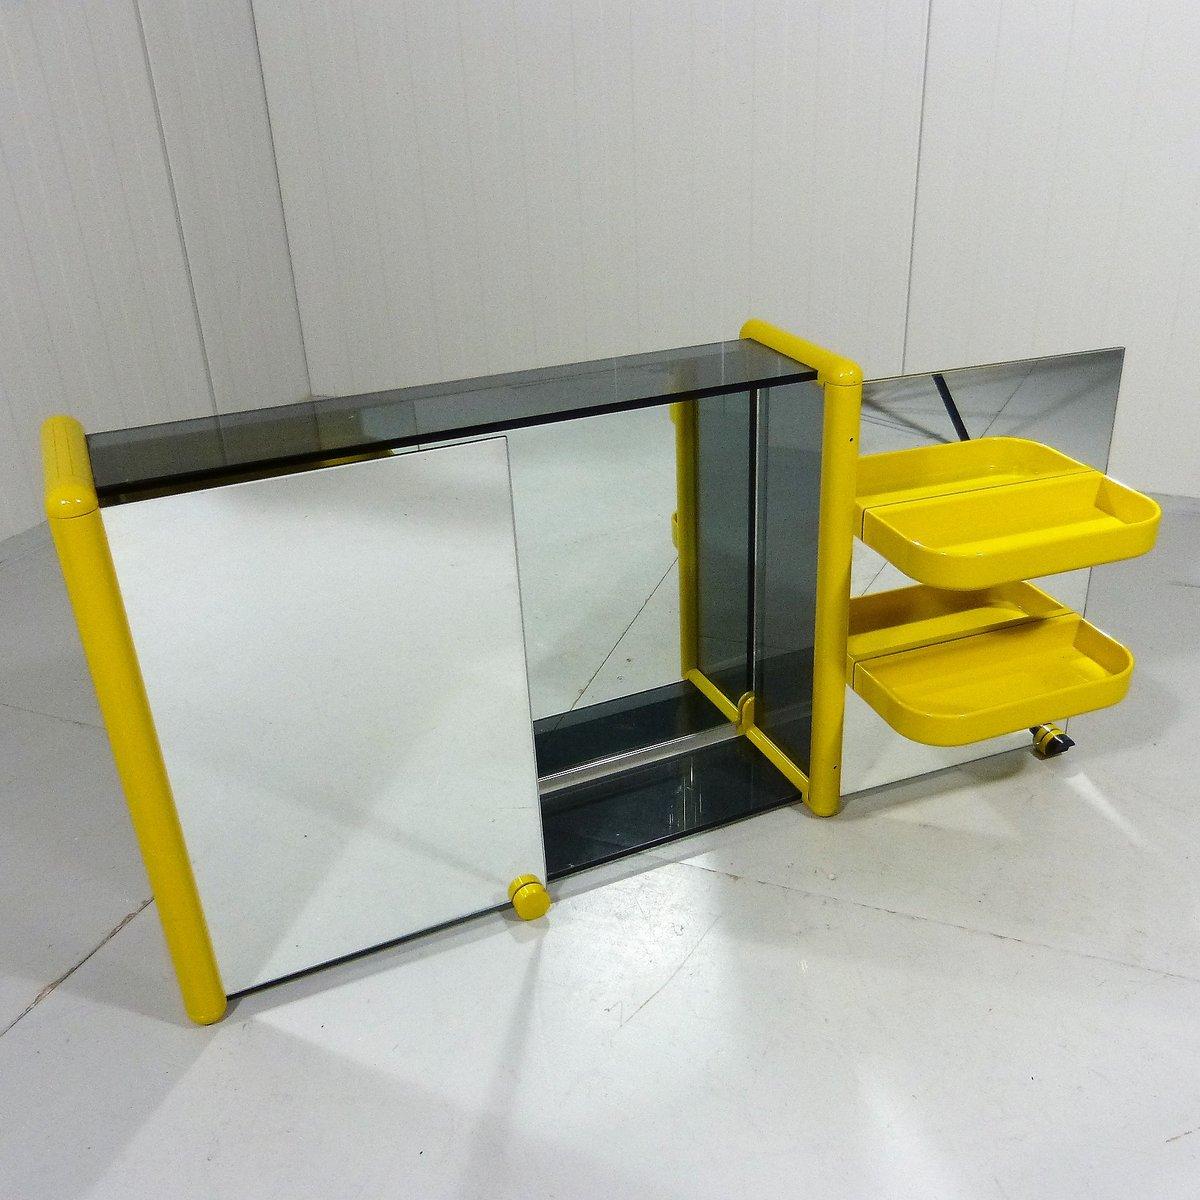 console murale de salle de bain 1960s en vente sur pamono. Black Bedroom Furniture Sets. Home Design Ideas